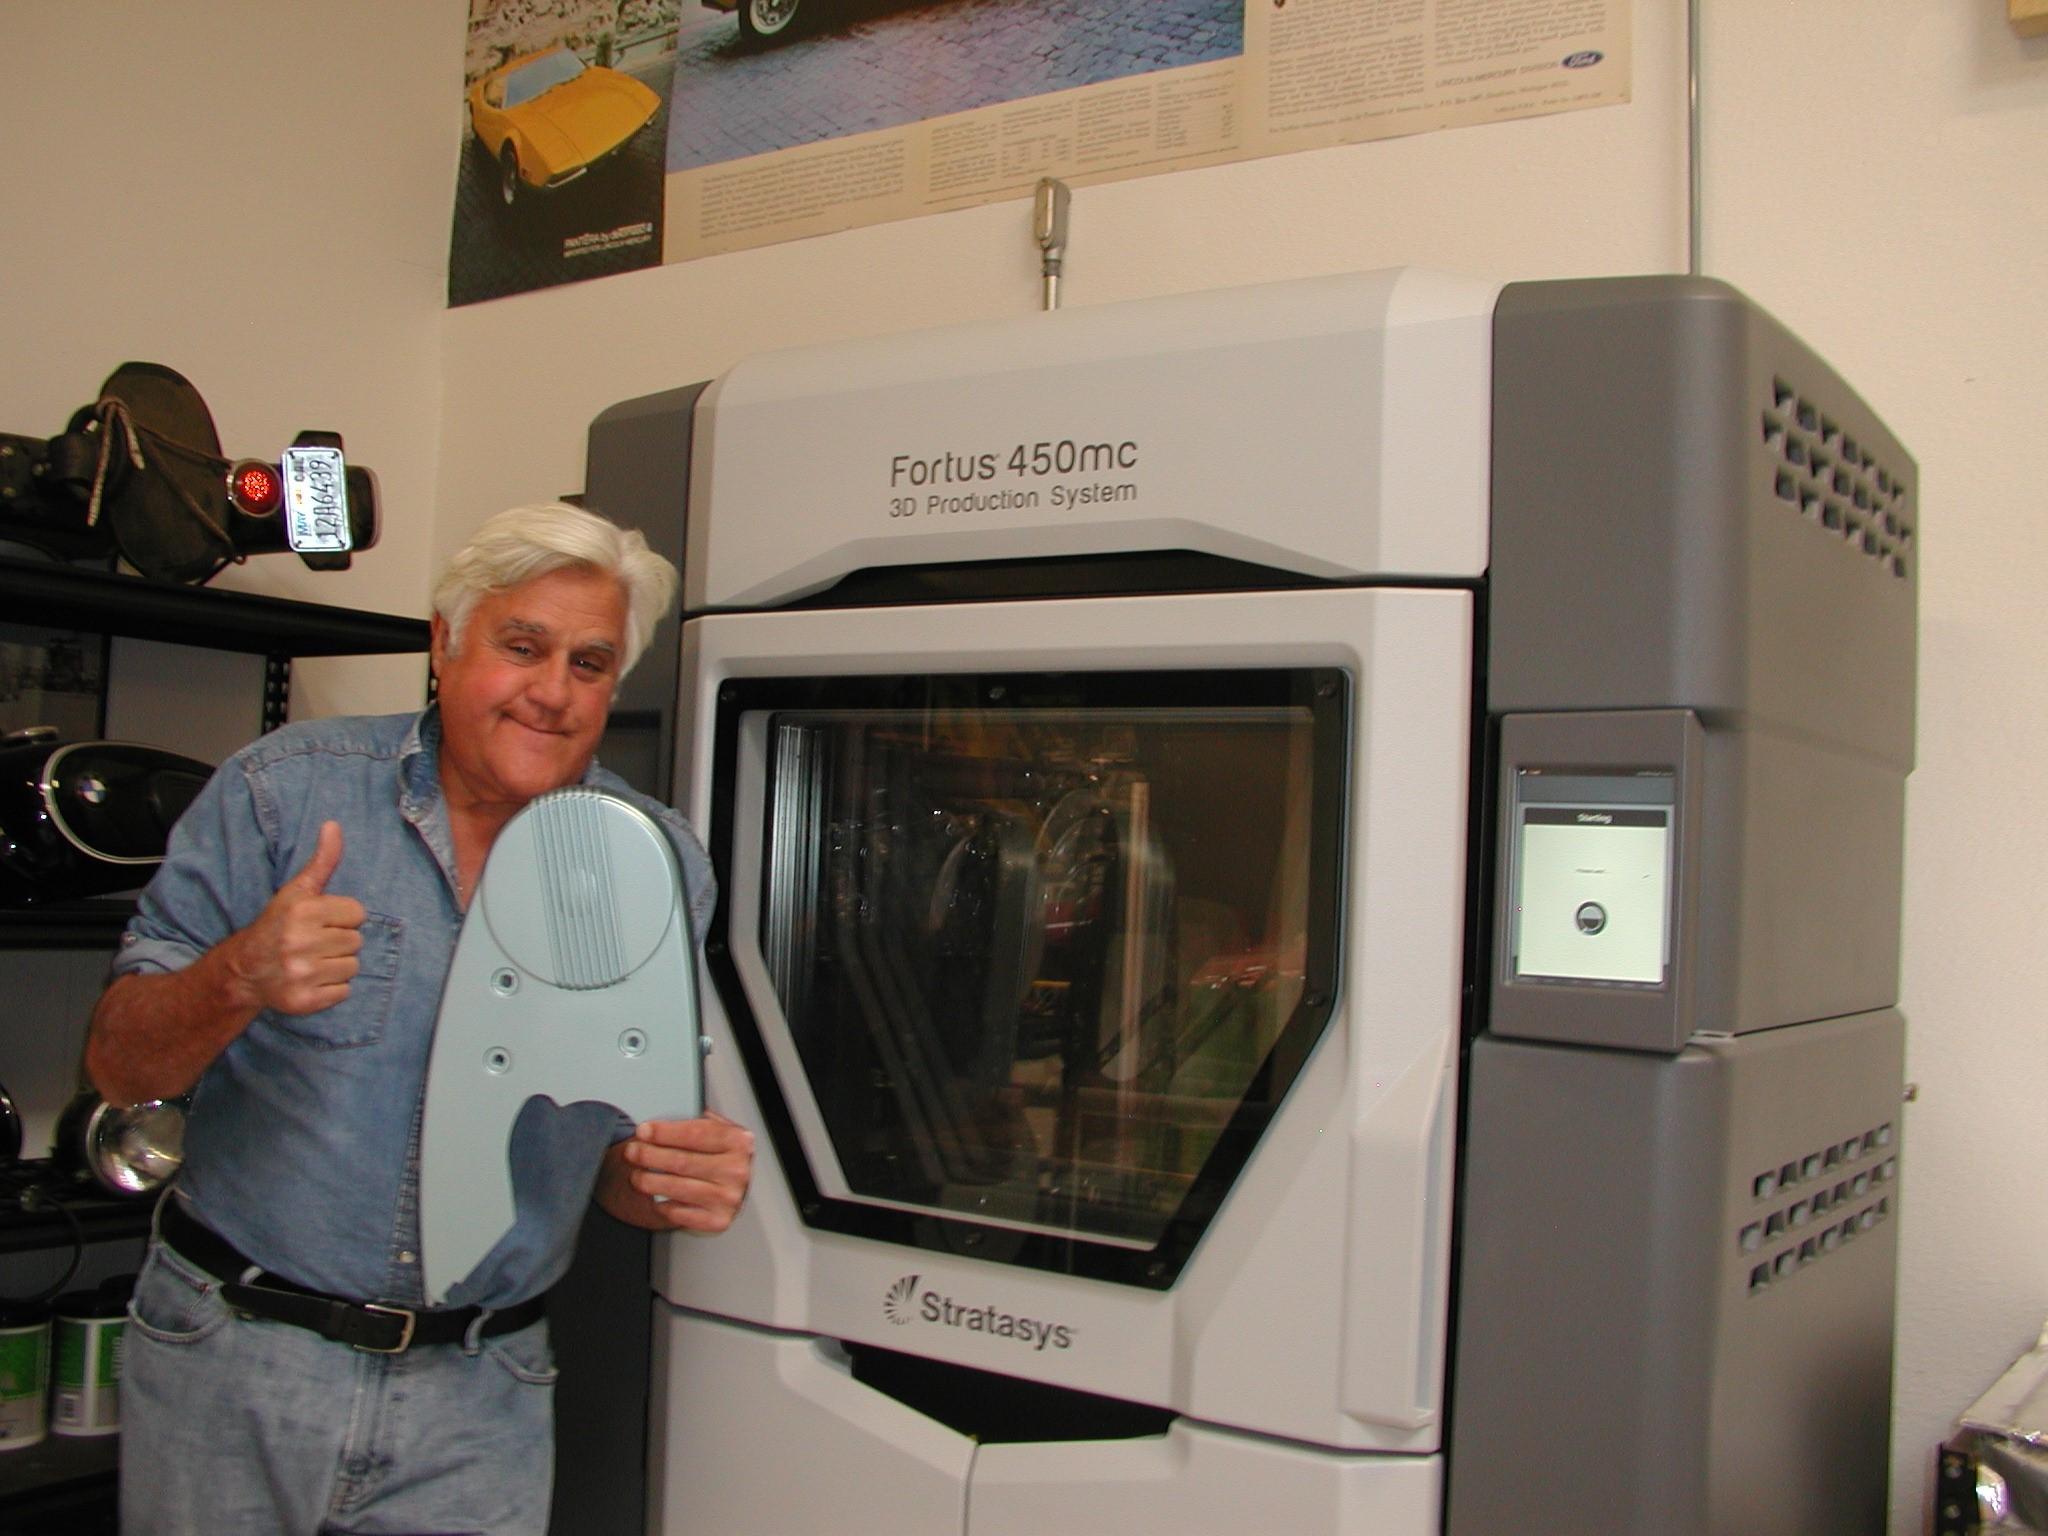 Jay Leno next to Stratasys Fortus 450mc 3D printer. Photo via Stratasys.